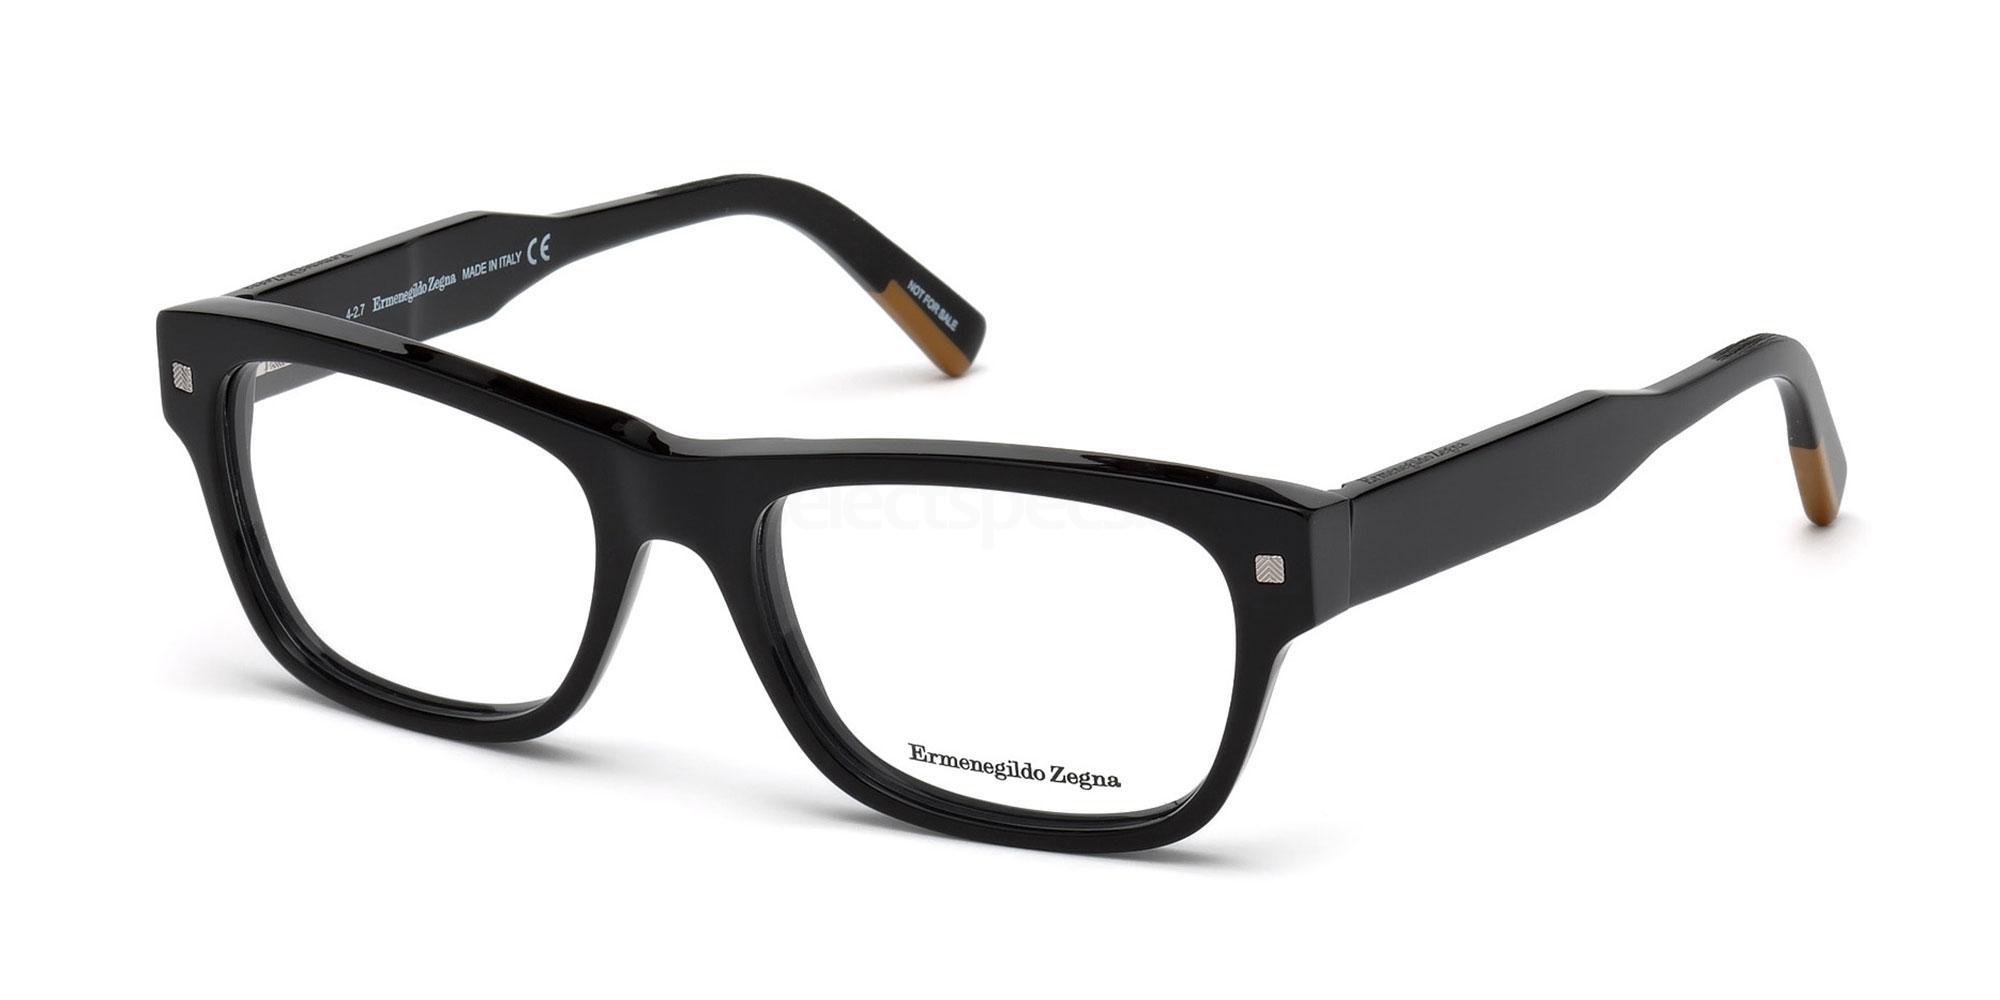 001 EZ5126 Glasses, Ermenegildo Zegna